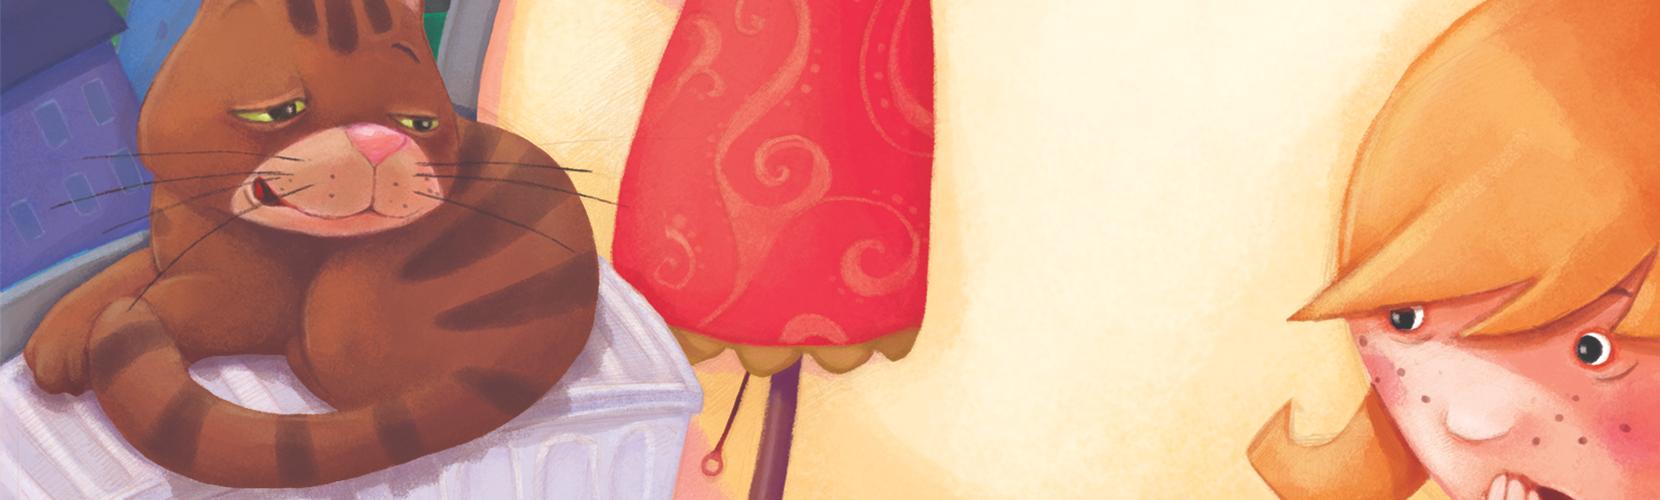 Dziewczynka patrzy na grzejnik na którym siedzi kot Klucha.